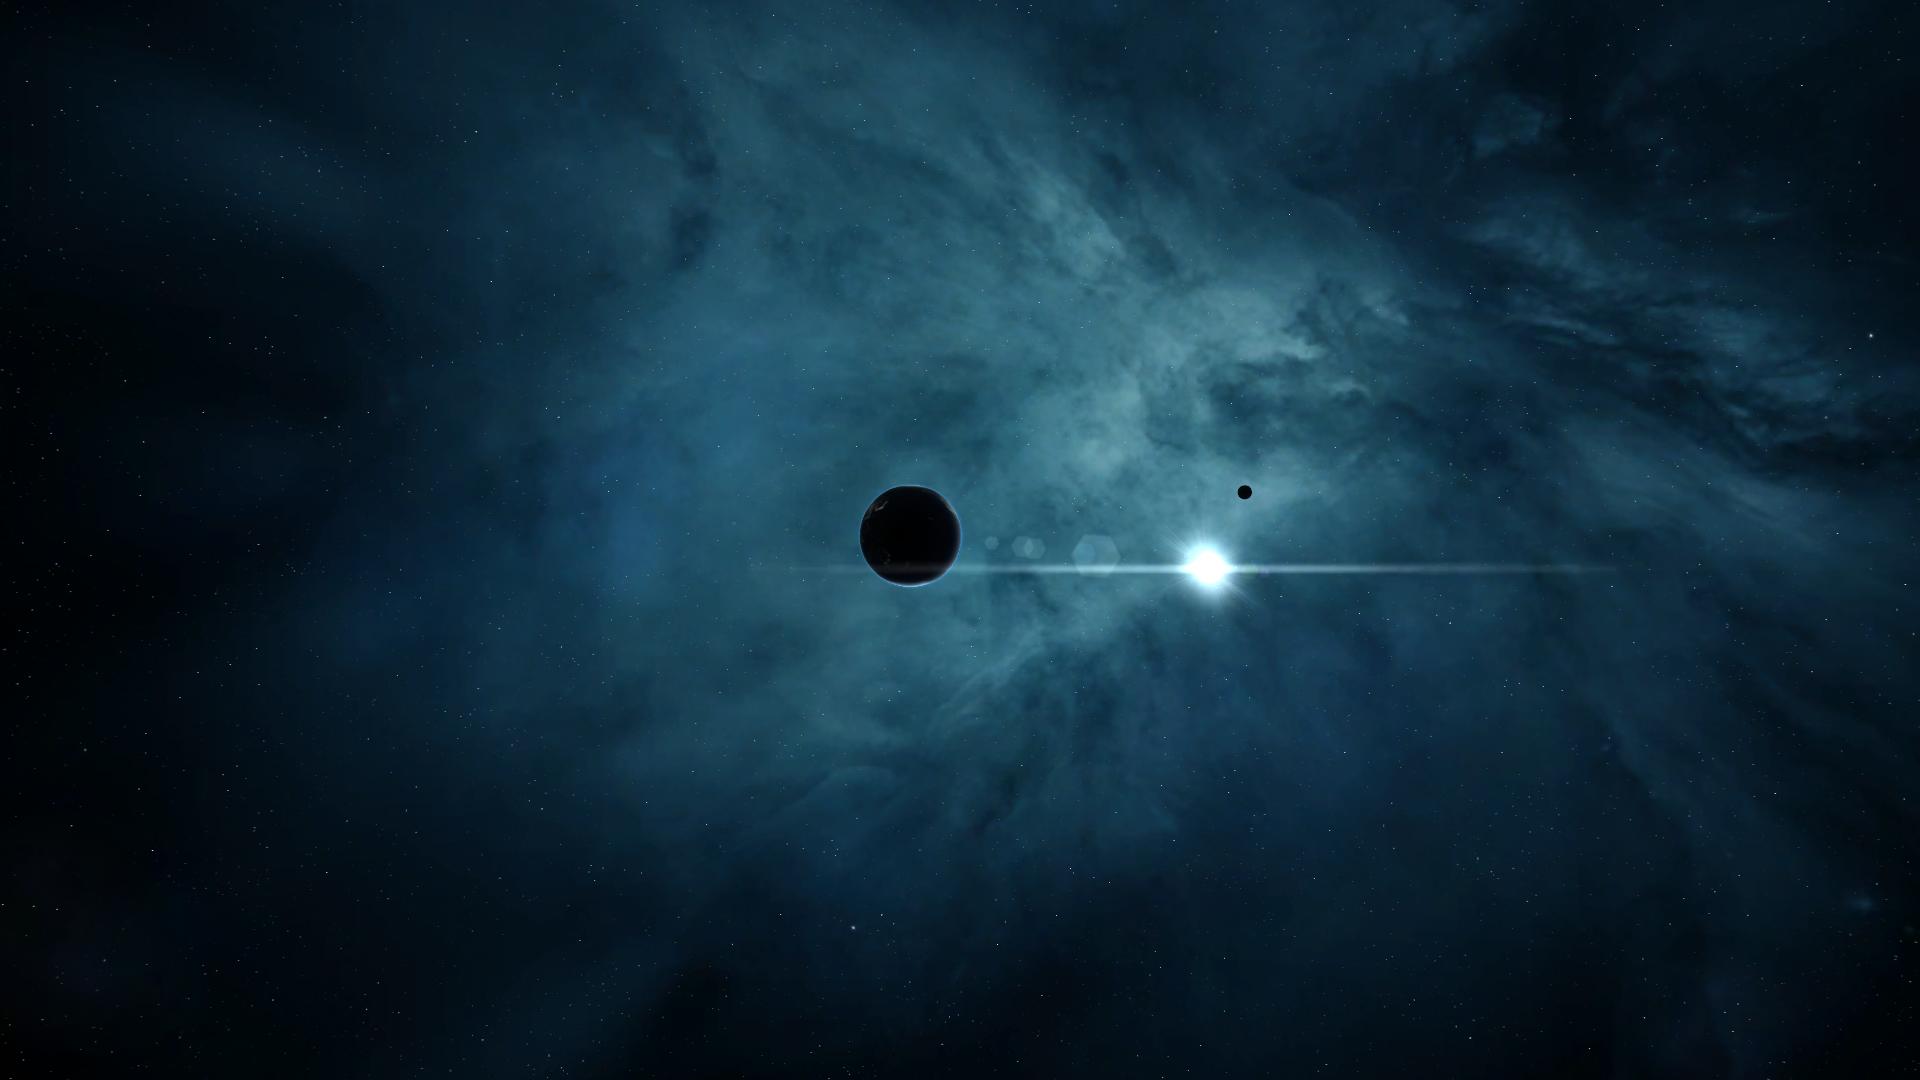 neptune planet moon - photo #22